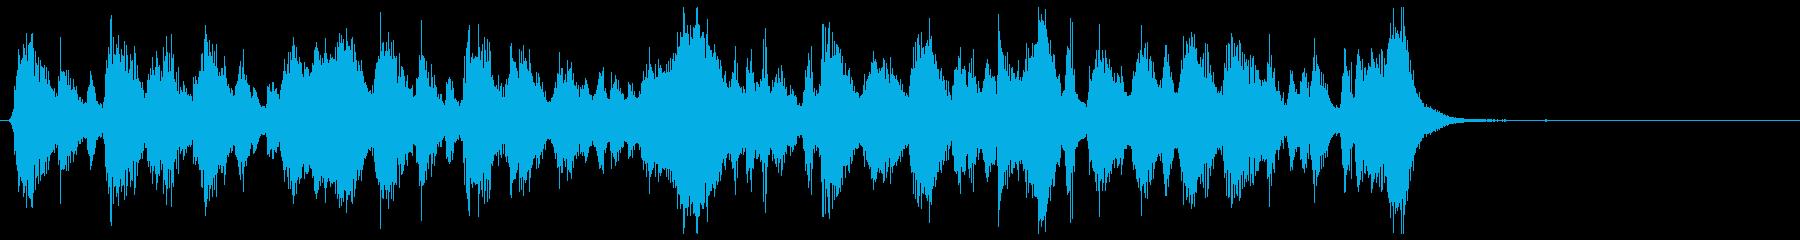 大冒険の幕開けわくわく金管重奏の再生済みの波形